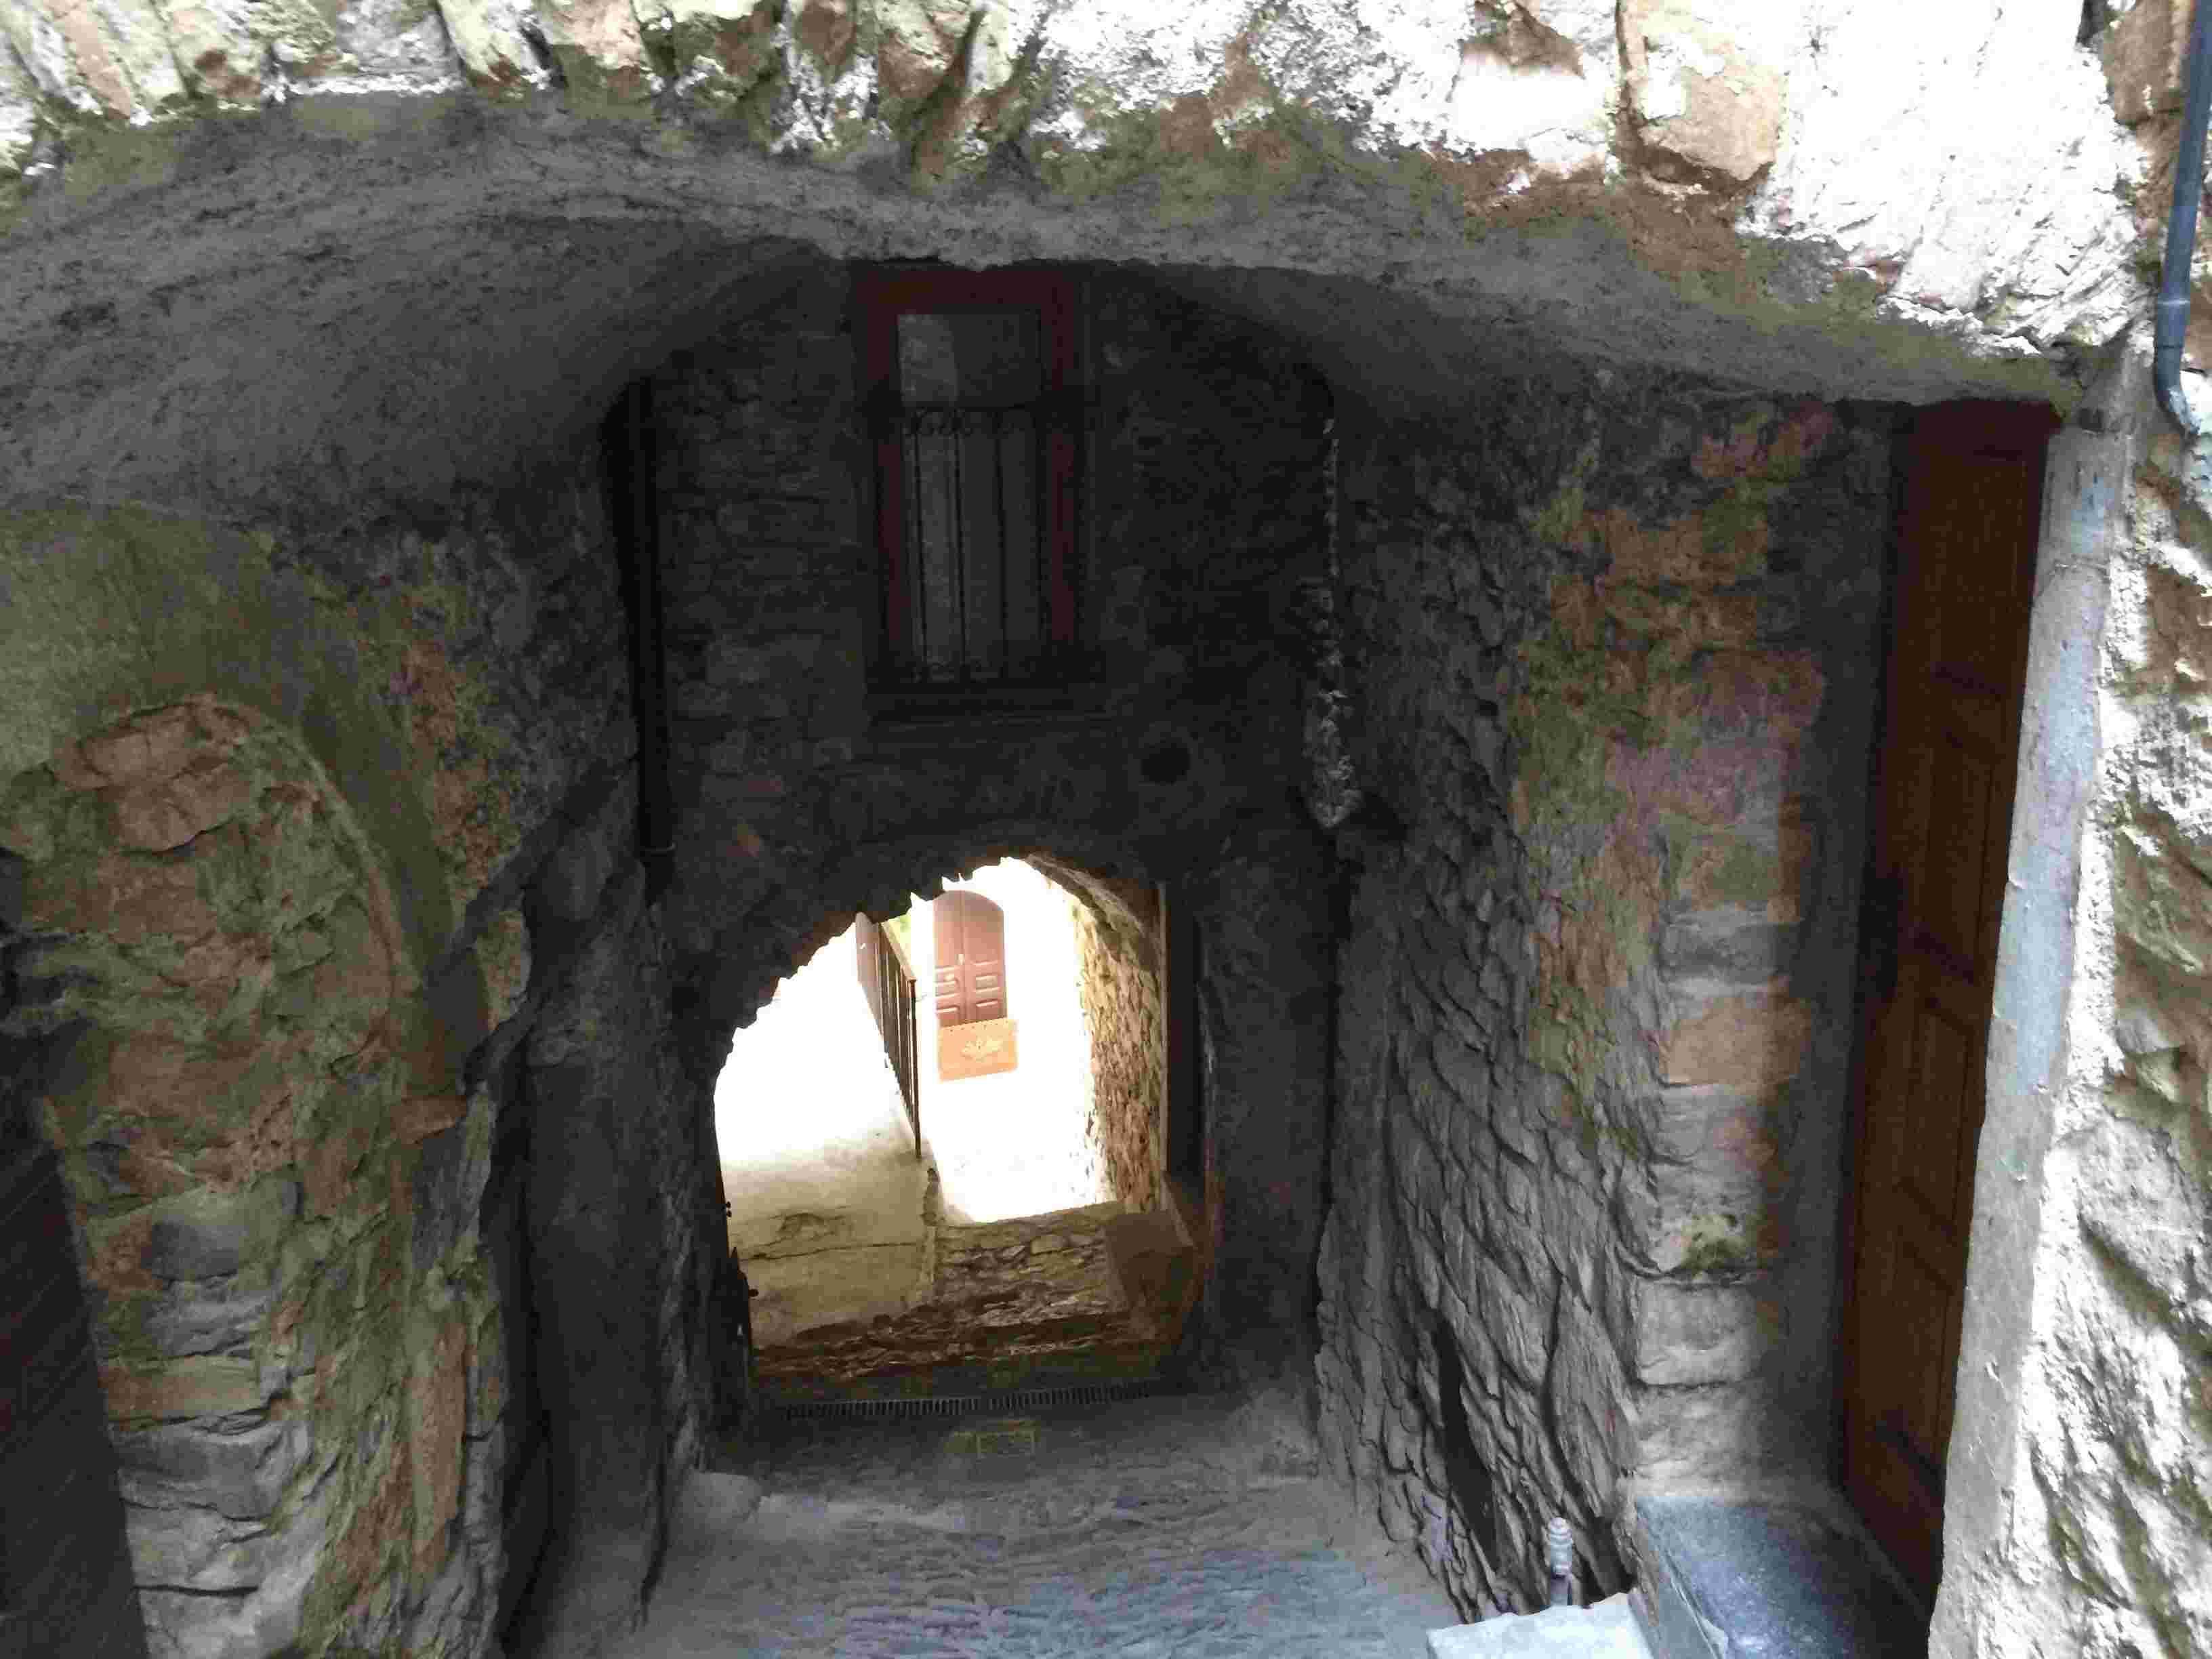 Apricale, le plus beau village d'Italie Aprica27